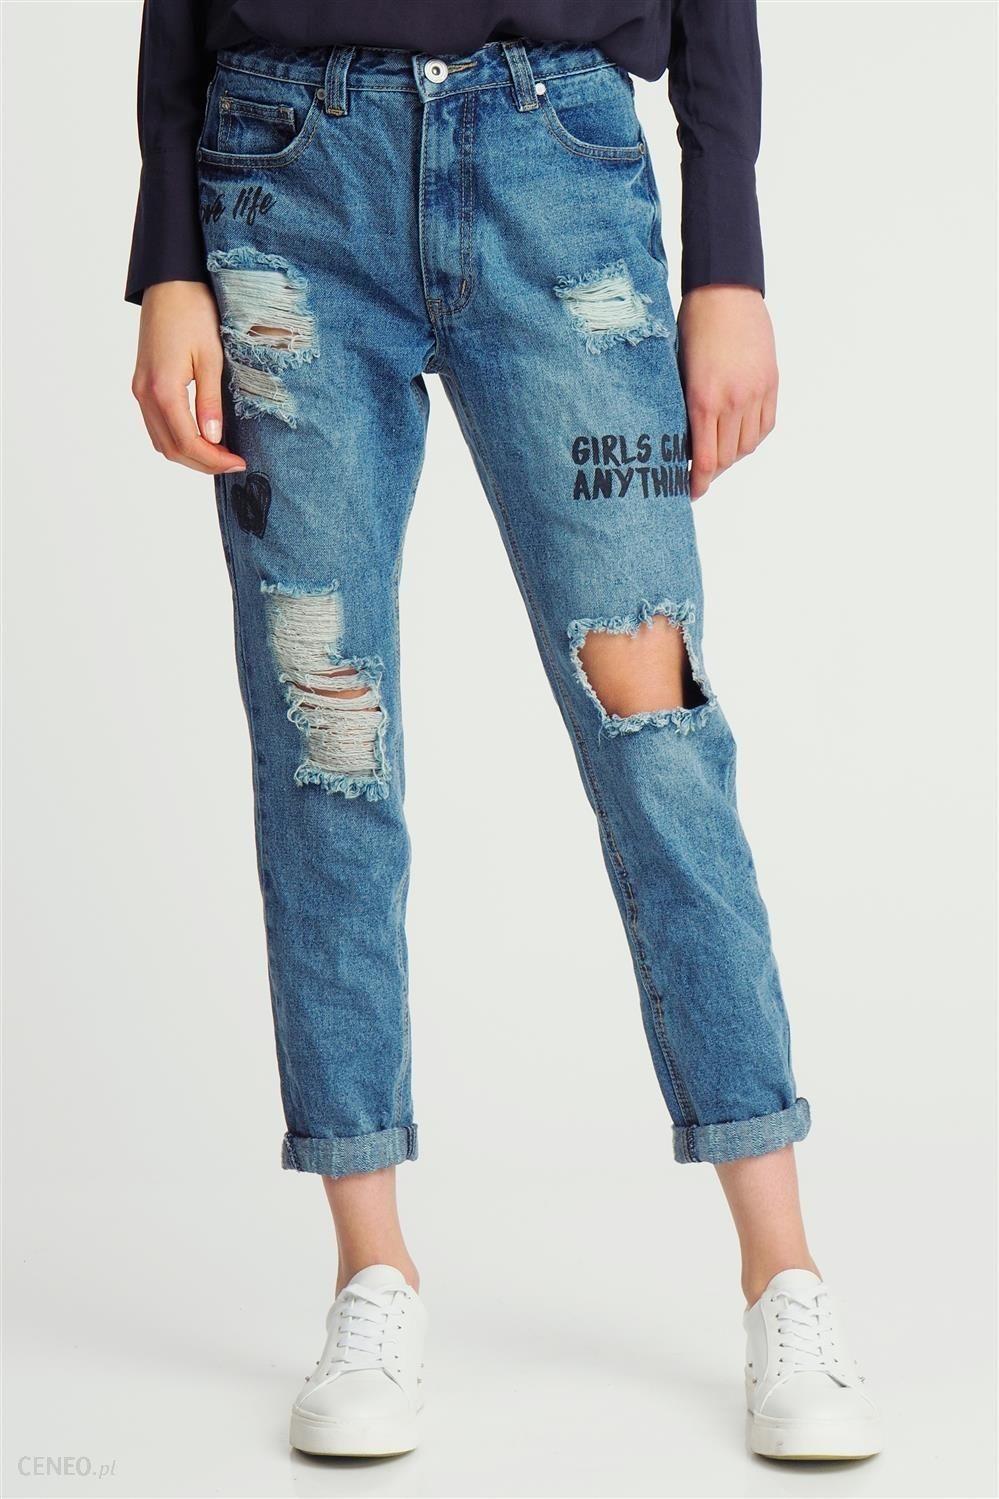 Spodnie damskie boyfriend jeans z dziurami niebieskie pasek gratis A75